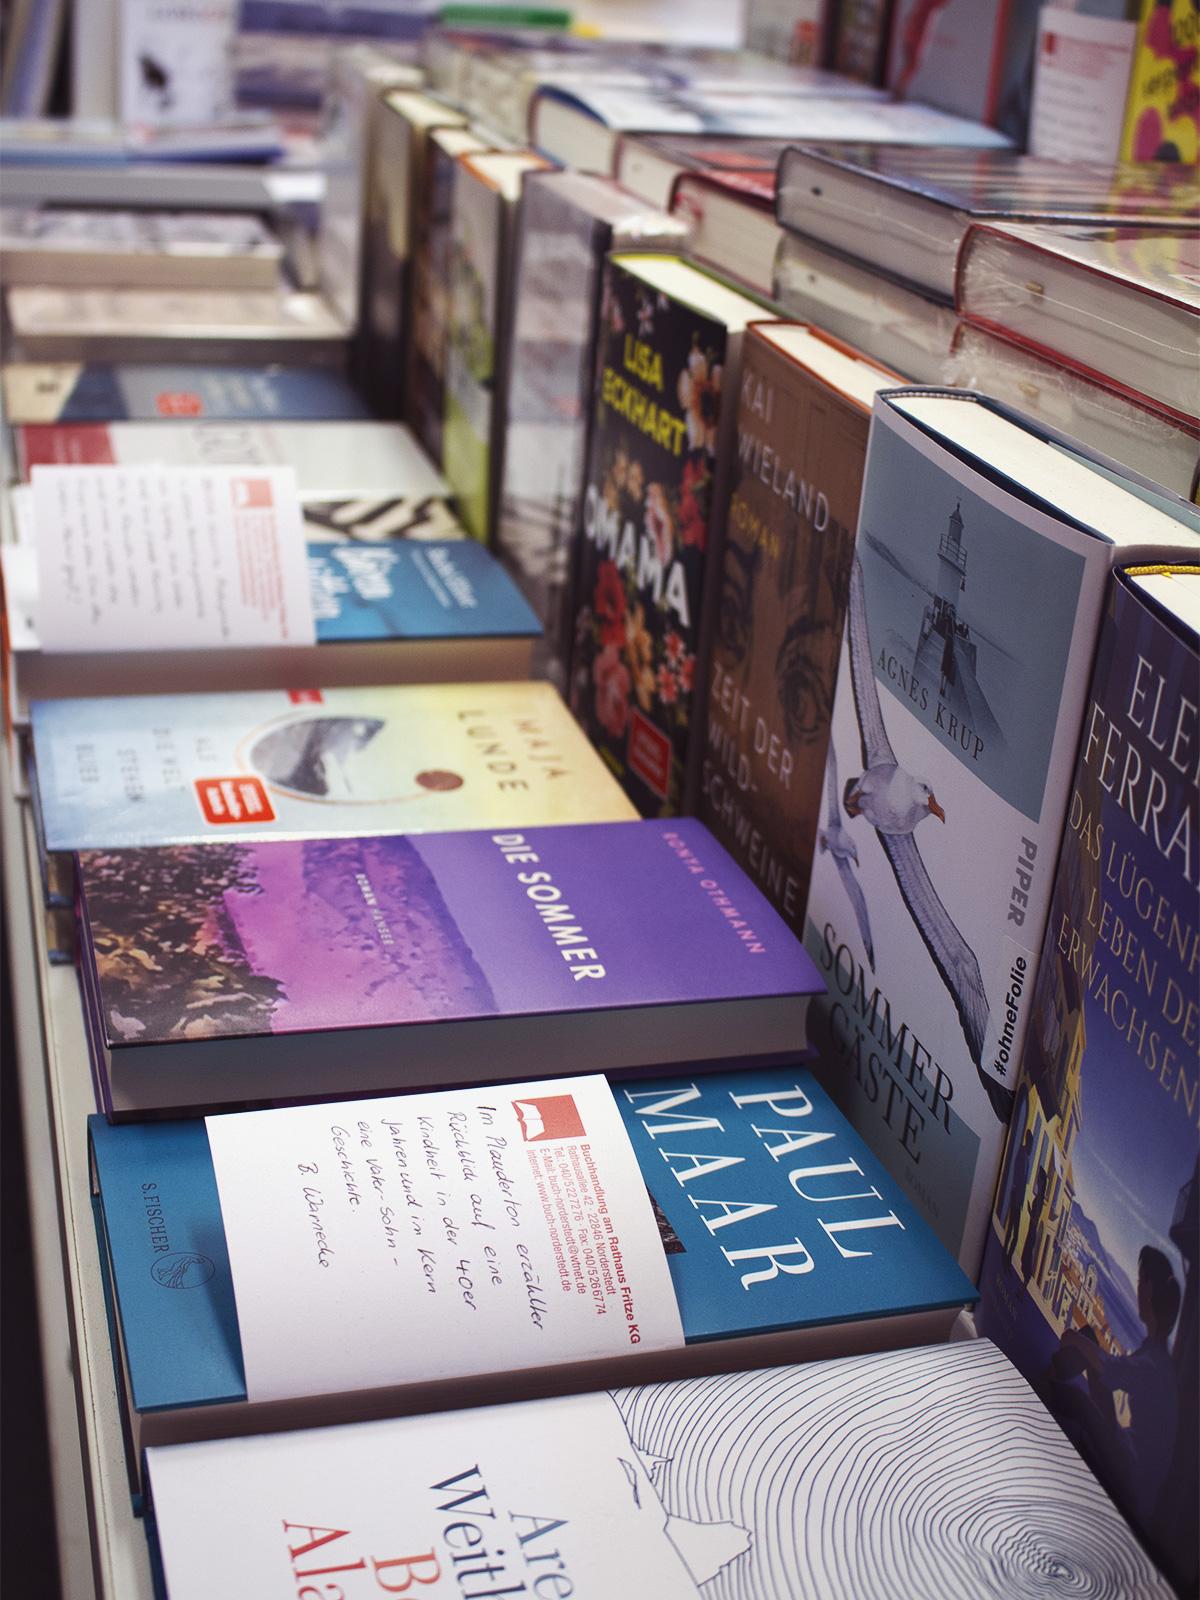 Buchreihe mit einer Auswahl aus unseren Empfehlungen, markiert mit kleinen handgeschriebenen Zetteln